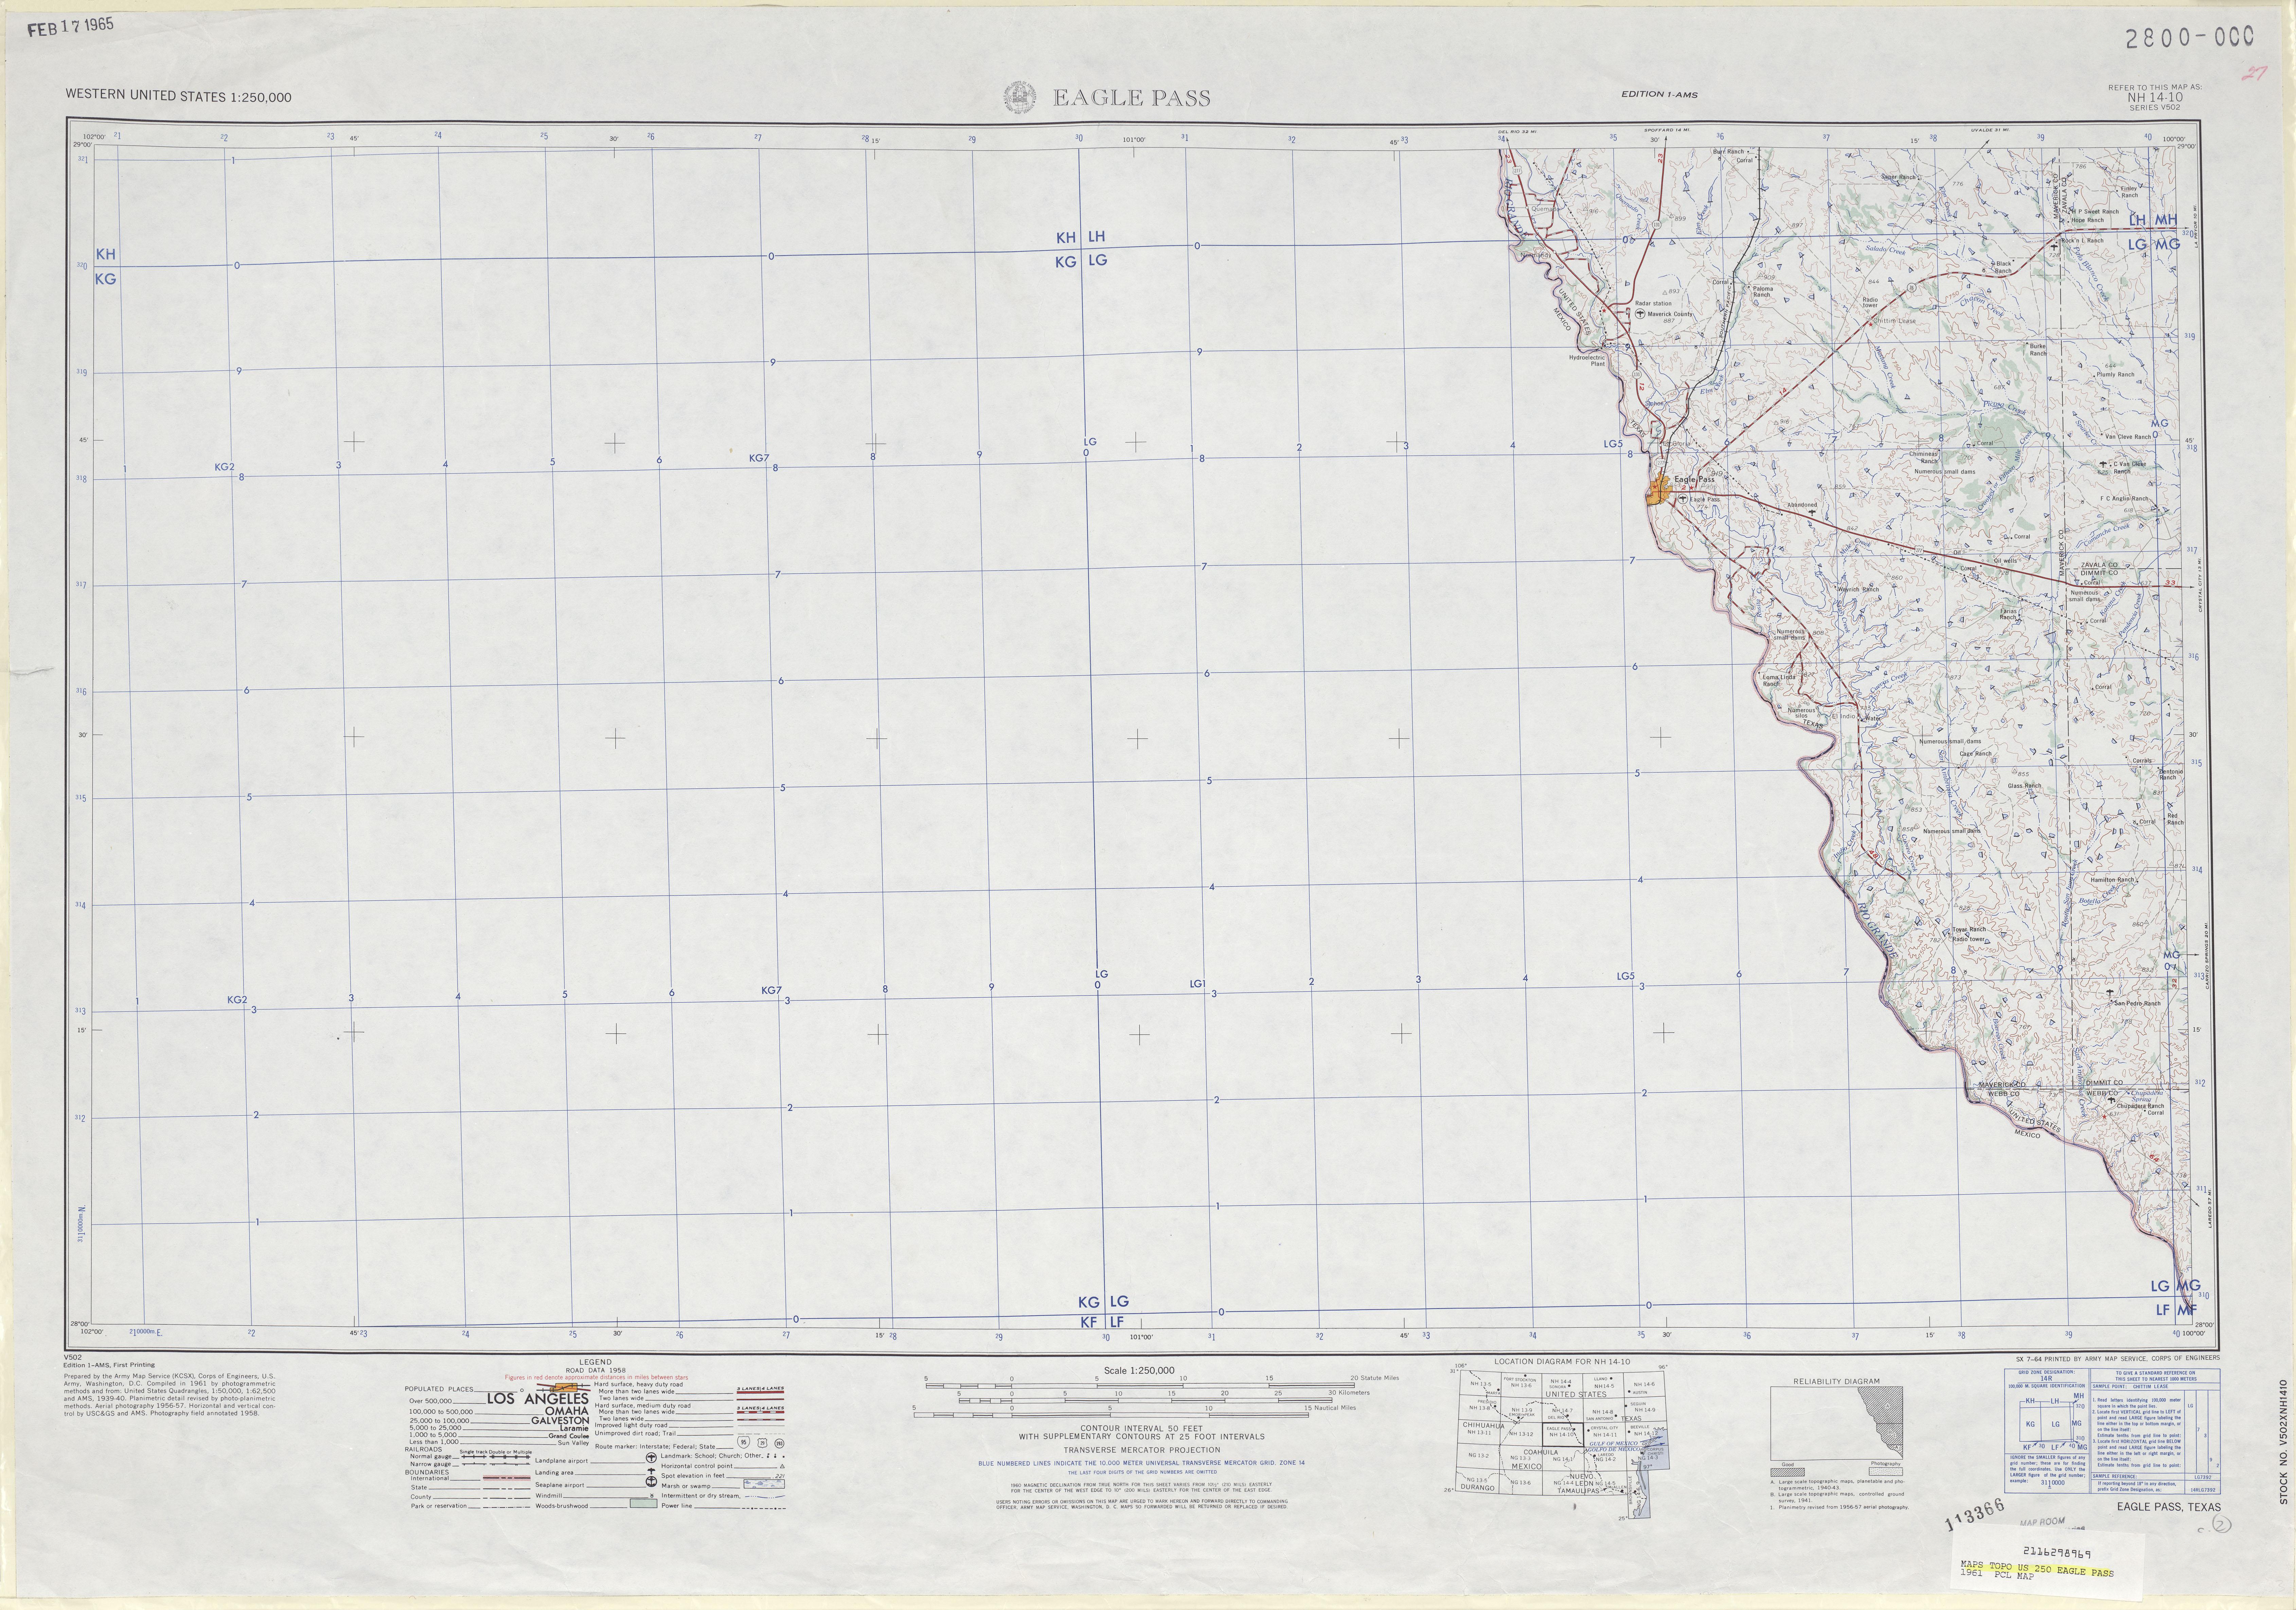 Hoja Eagle Pass del Mapa Topográfico de los Estados Unidos 1961